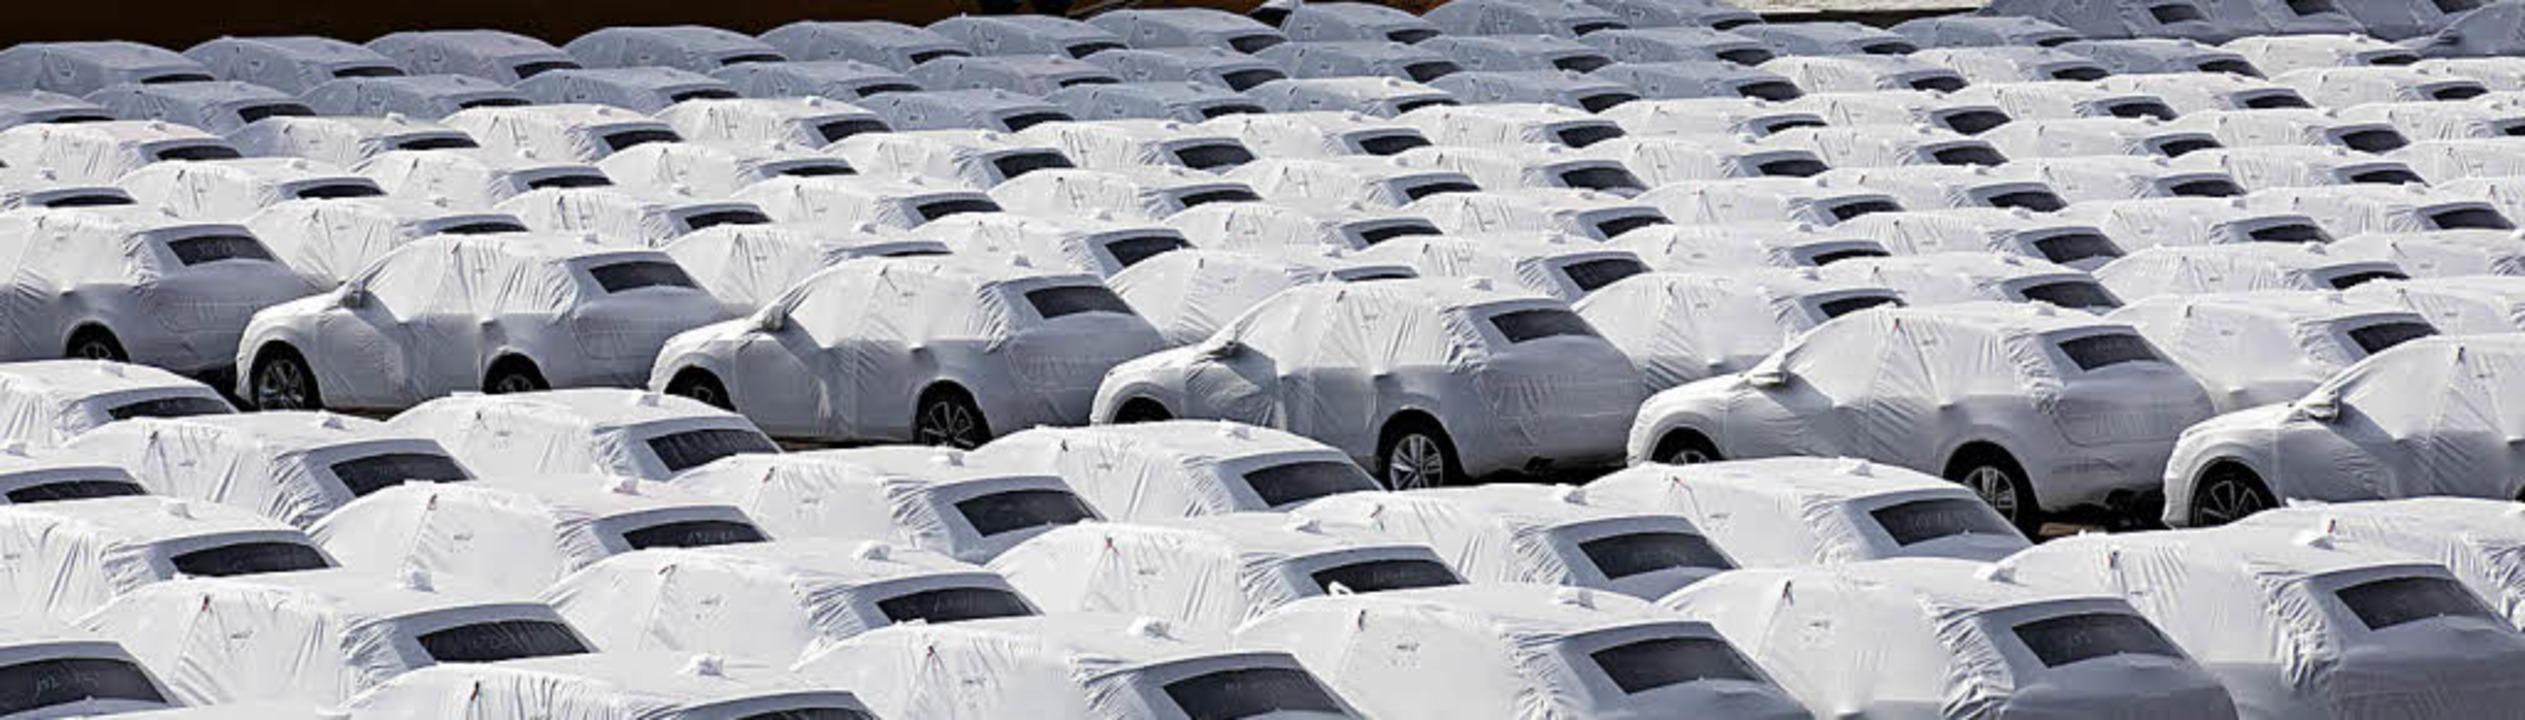 Bisher ein gutes Geschäft – Autoexport in die USA   | Foto: dpa